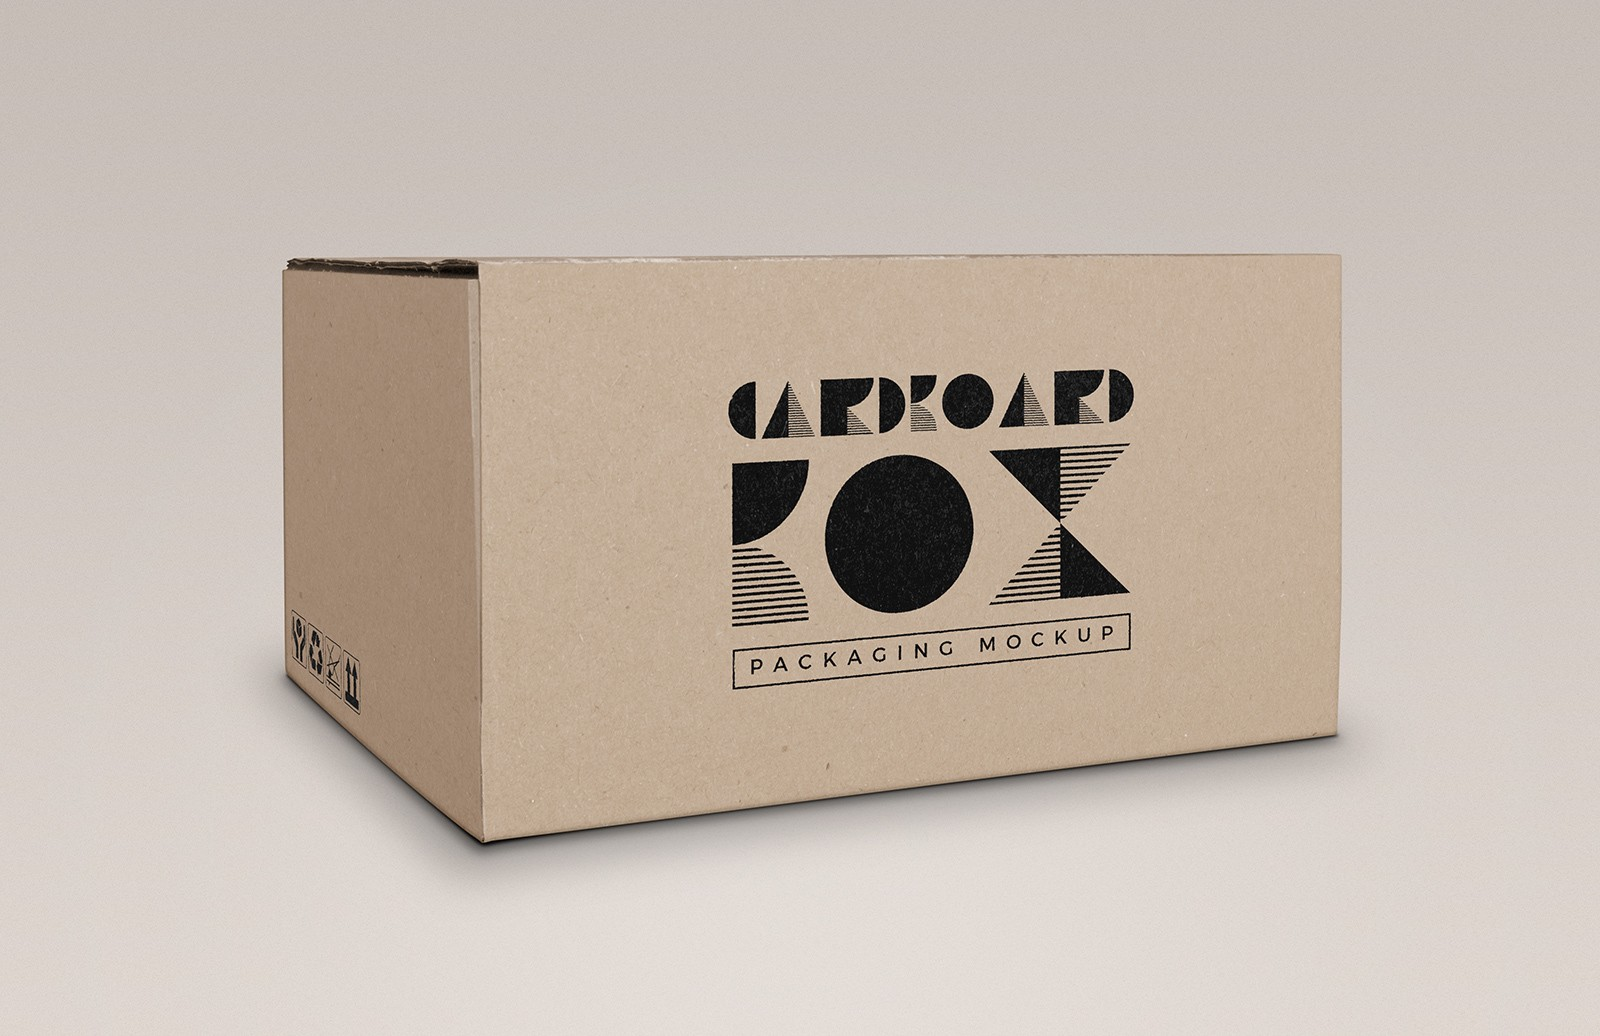 cardboard box packaging mockup medialoot